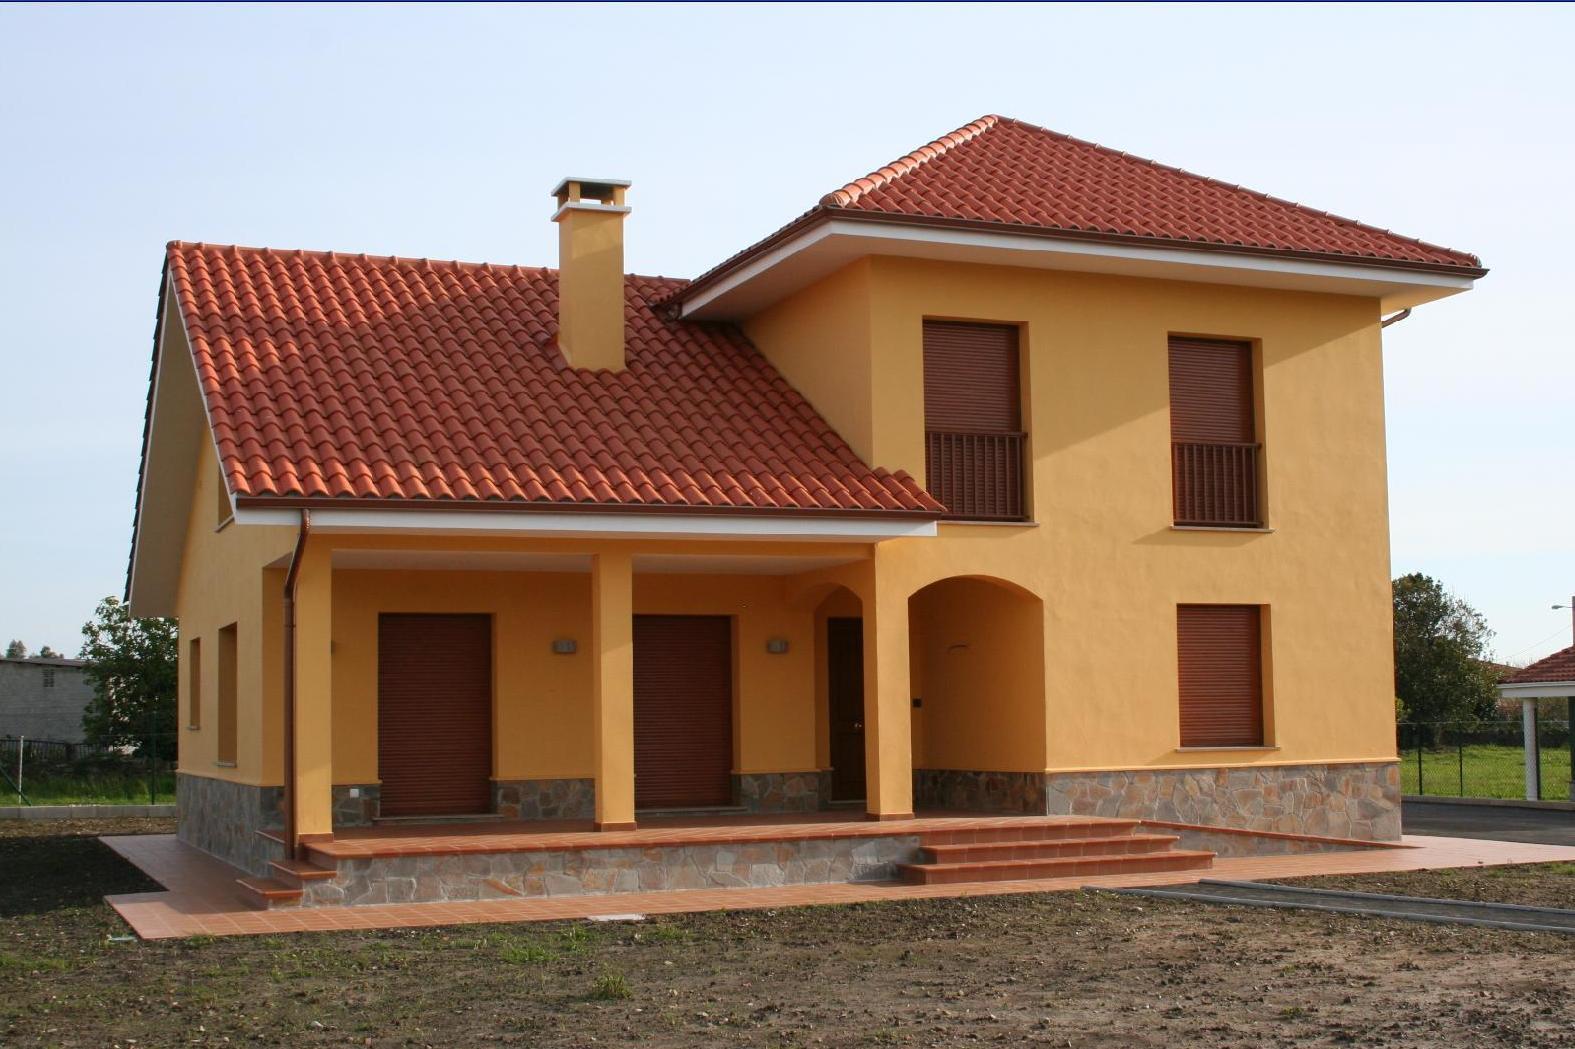 Arquitecto en cudillero asturias vivienda unifamiliar for Viviendas de una planta modernas